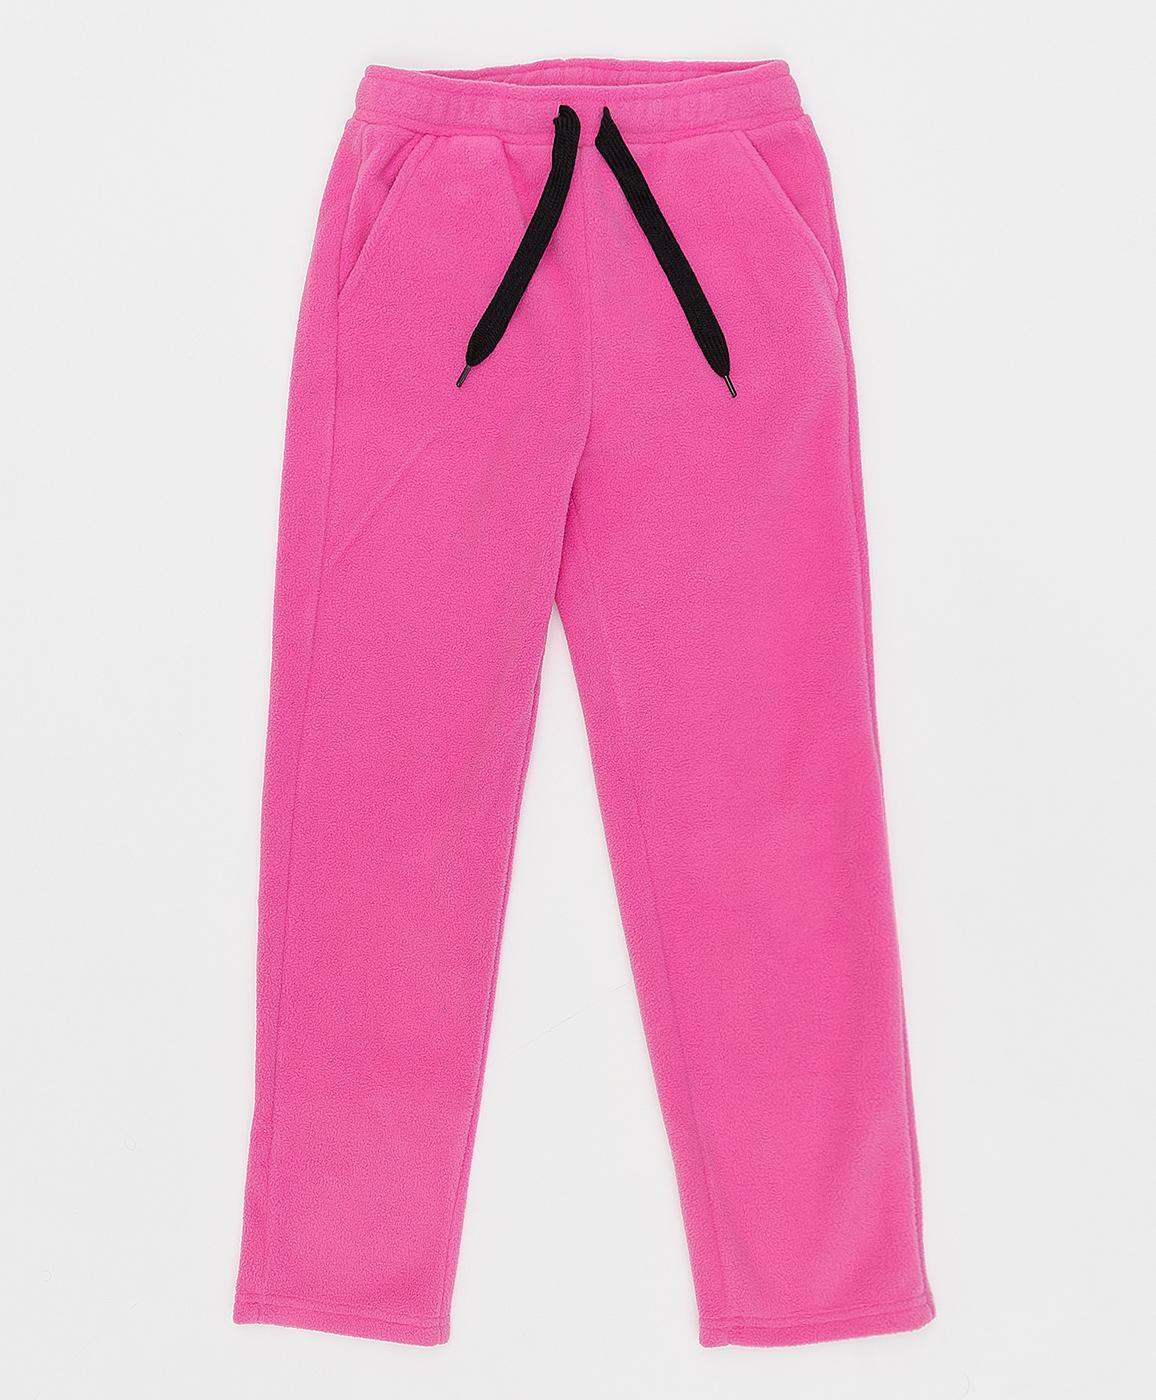 Купить 220BBGA56011200, Розовые флисовые брюки Button Blue, розовый, 146, Флис, Женский, Зима, ОСЕНЬ/ЗИМА 2020-2021 (shop: GulliverMarket Gulliver Market)